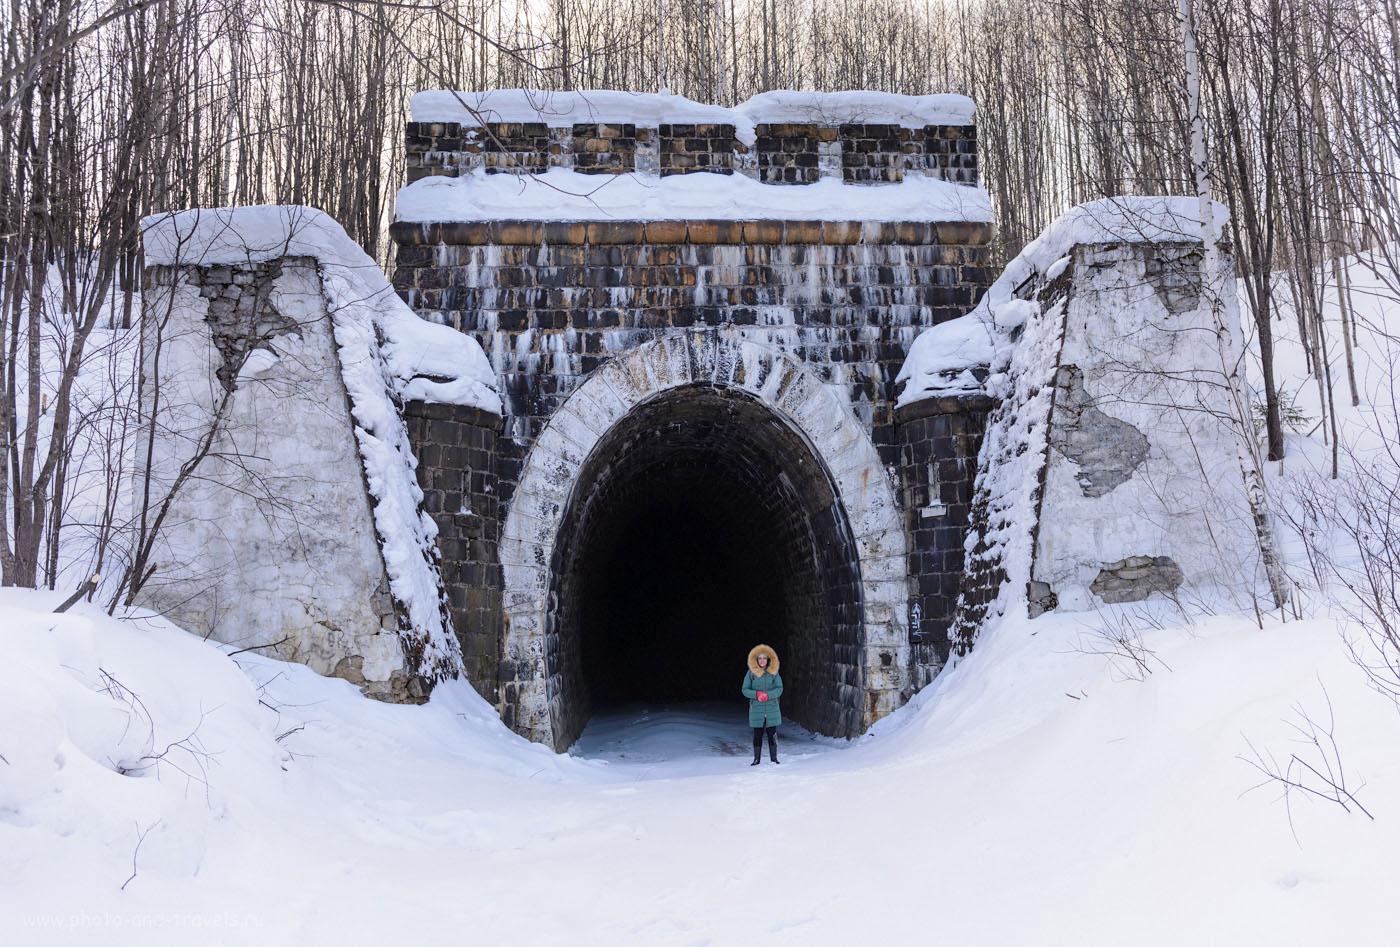 Фото 3. Дидинский тоннель. Как мы сходили в поход выходного дня зимой. Камера Никон Д610, объектив Никон 24-70/2,8. Параметры съемки: выдержка 1/160 секунды, экспокоррекция +0,3 EV, диафрагма f/3.5, ИСО 100, фокусное расстояние 28 мм.